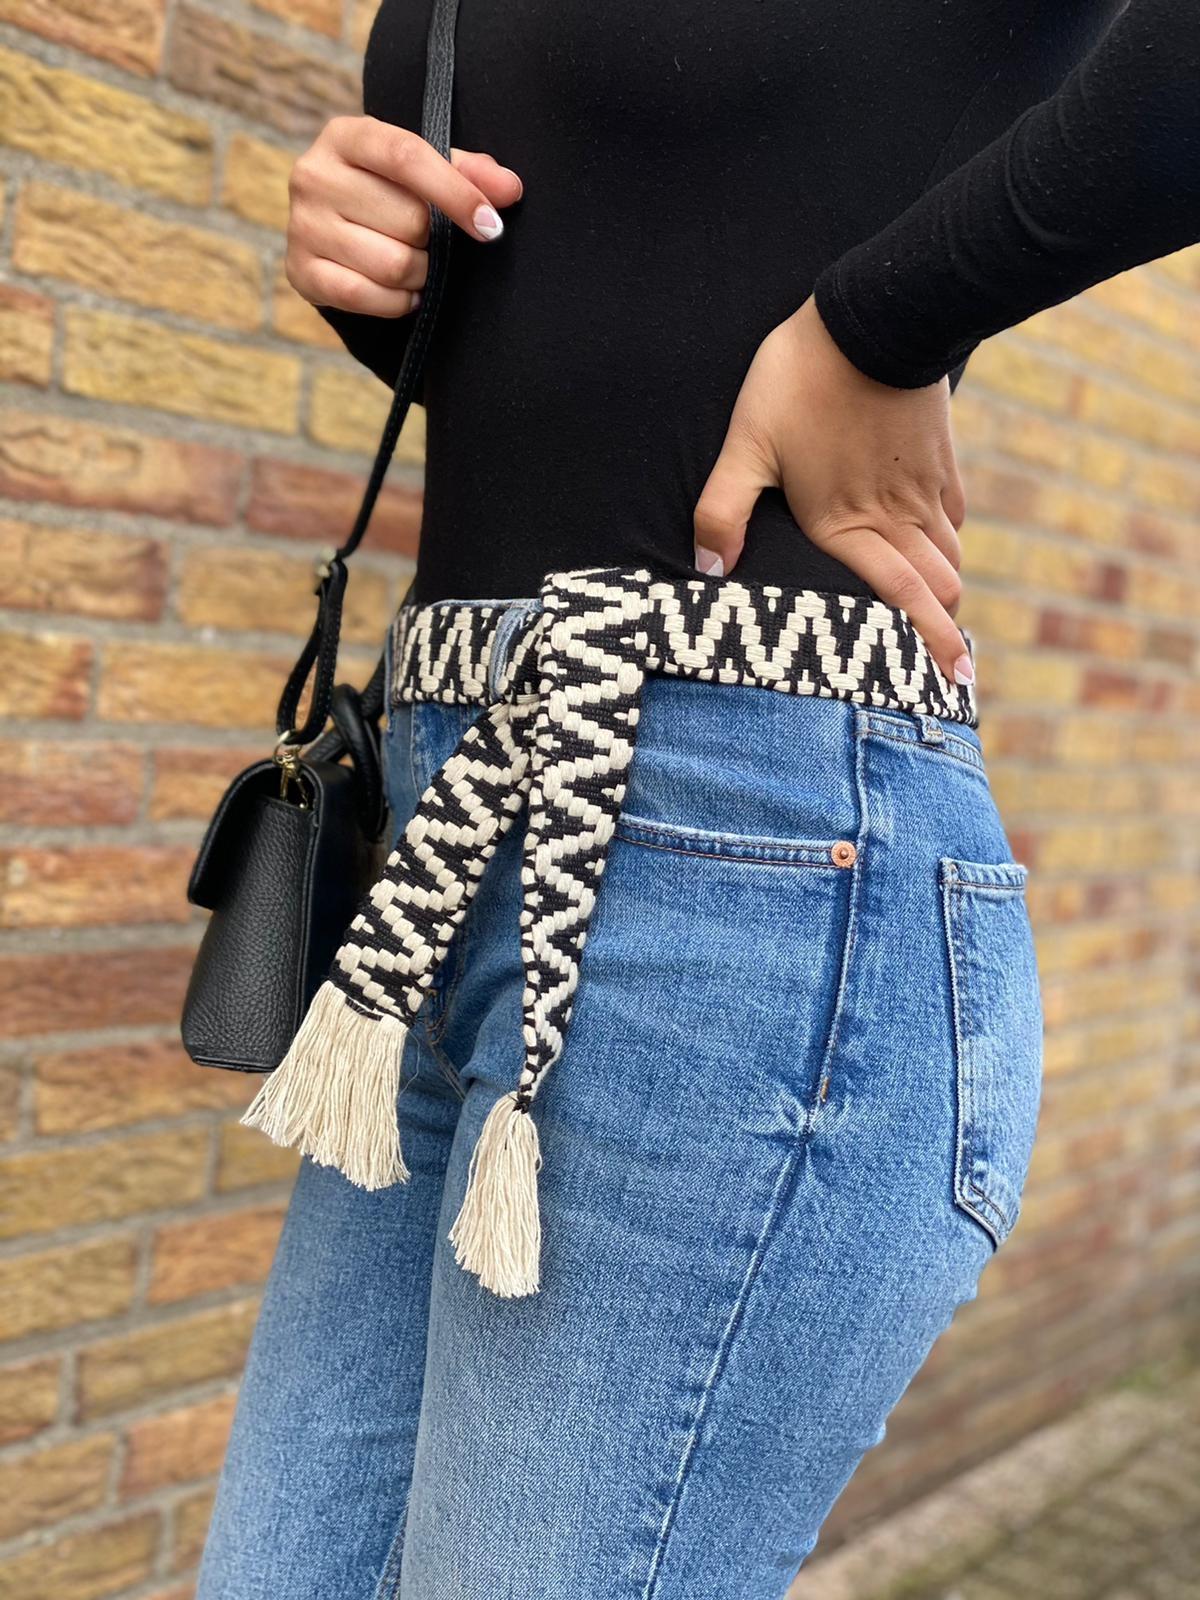 Riem Boho Love zwart beige handgemaakte katoenen riemen zigzag print trendy knoopriemen kopen giuliano bestellen